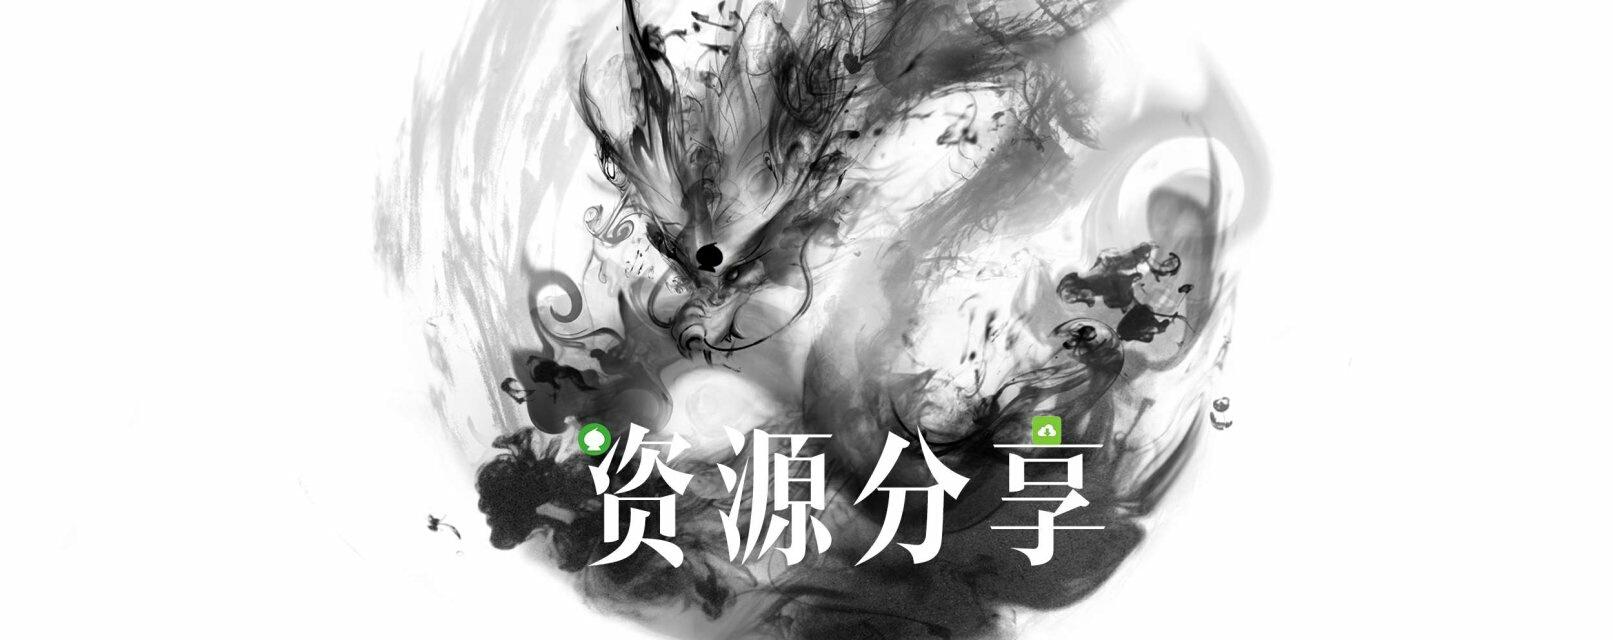 【资源分享】鲁迅全集-爱小助